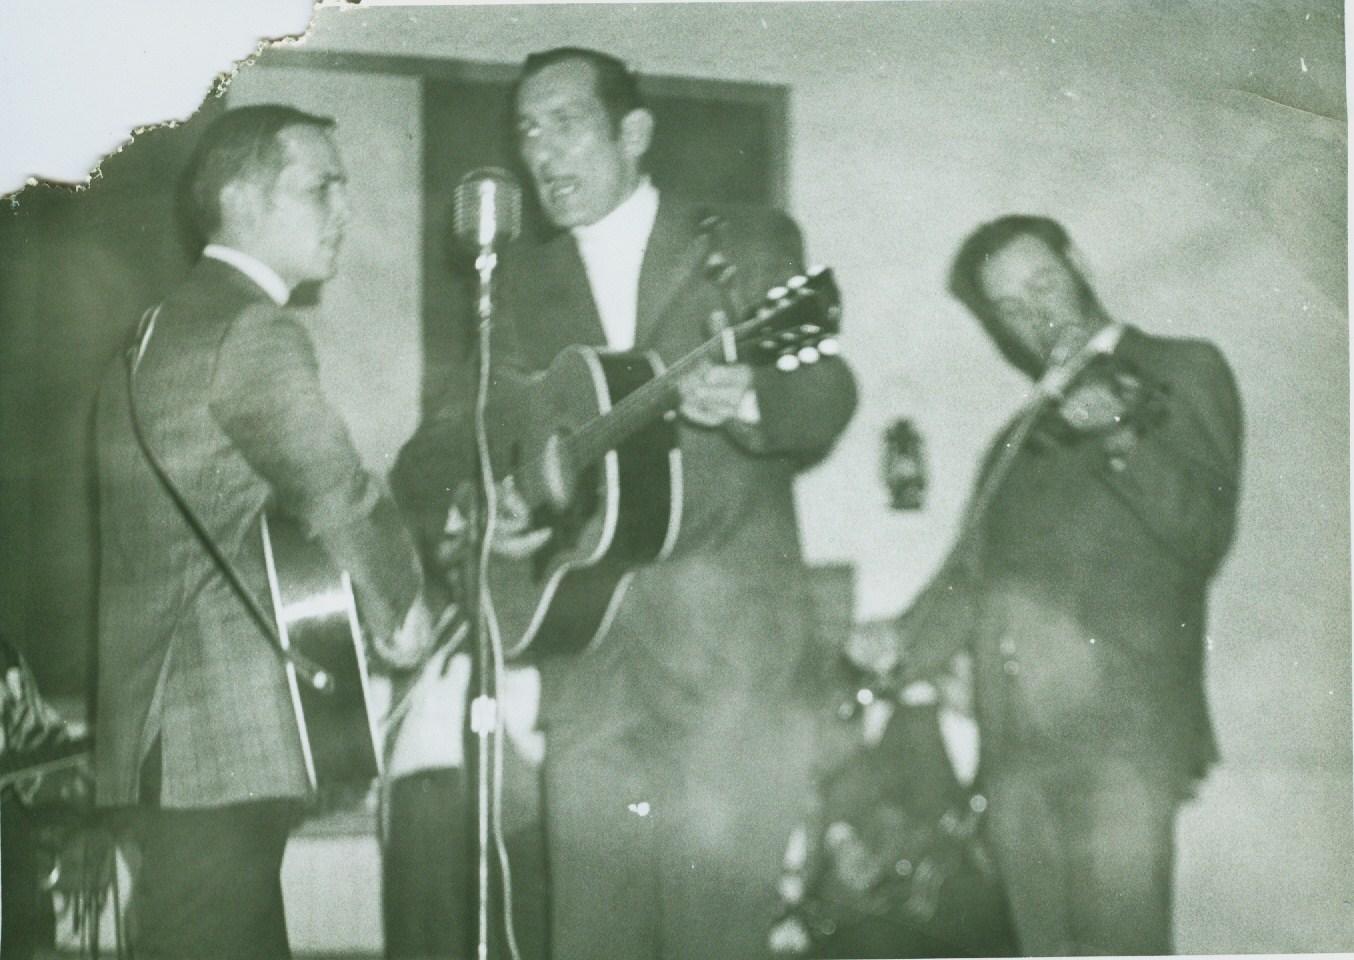 Donnie Andrews, Boyd Warren, and Jack Golden